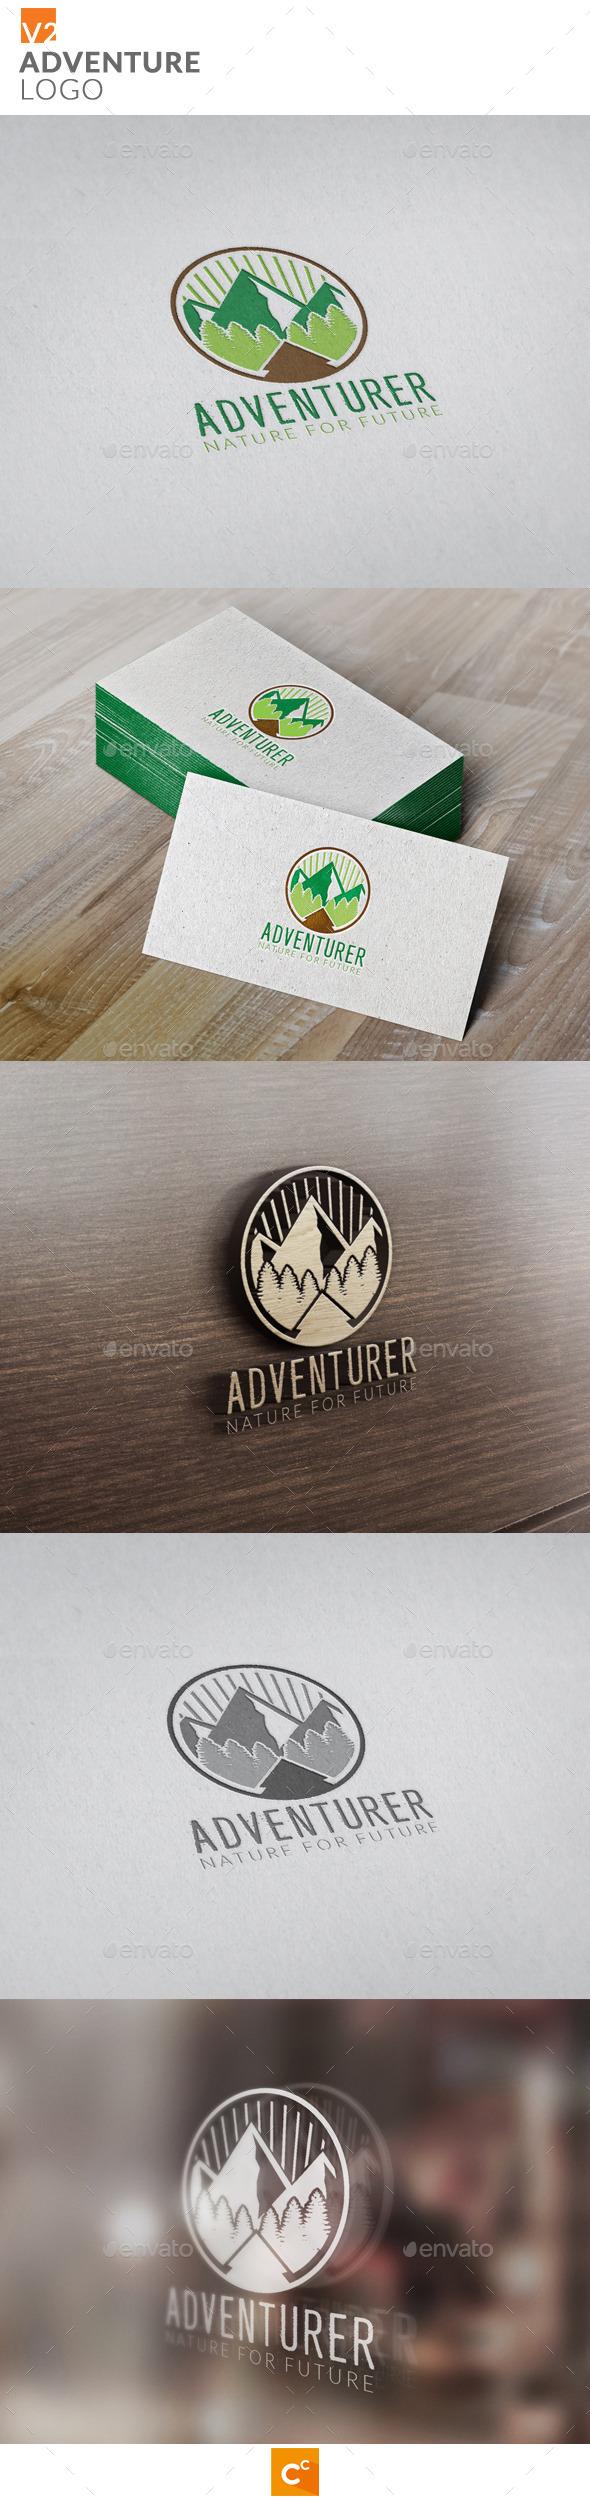 Adventure Logo v2 - Objects Logo Templates